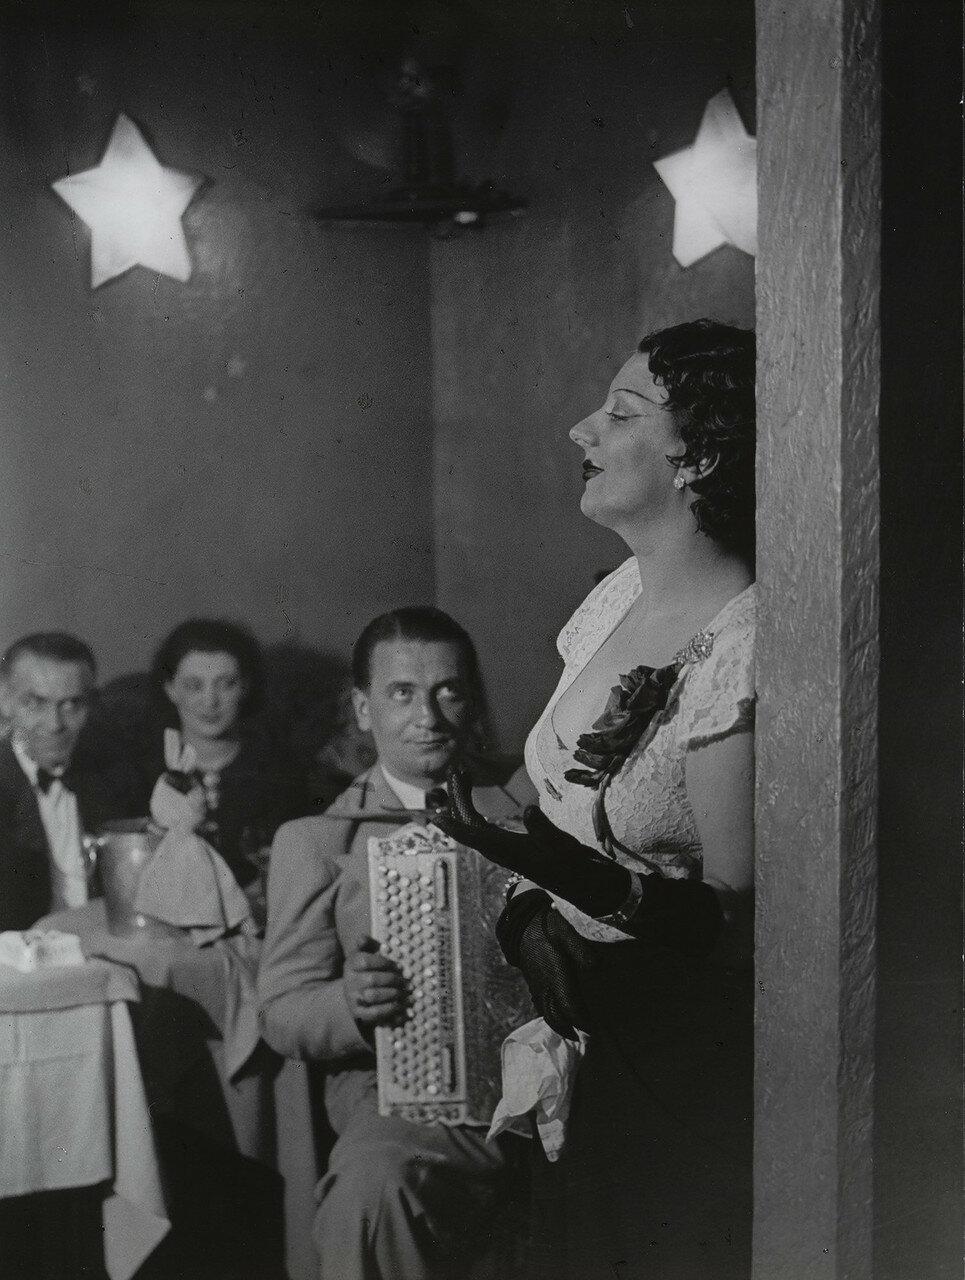 1932. Кики Монпарнас поет в «Кабаре де Флер», бульвар Монмарнас